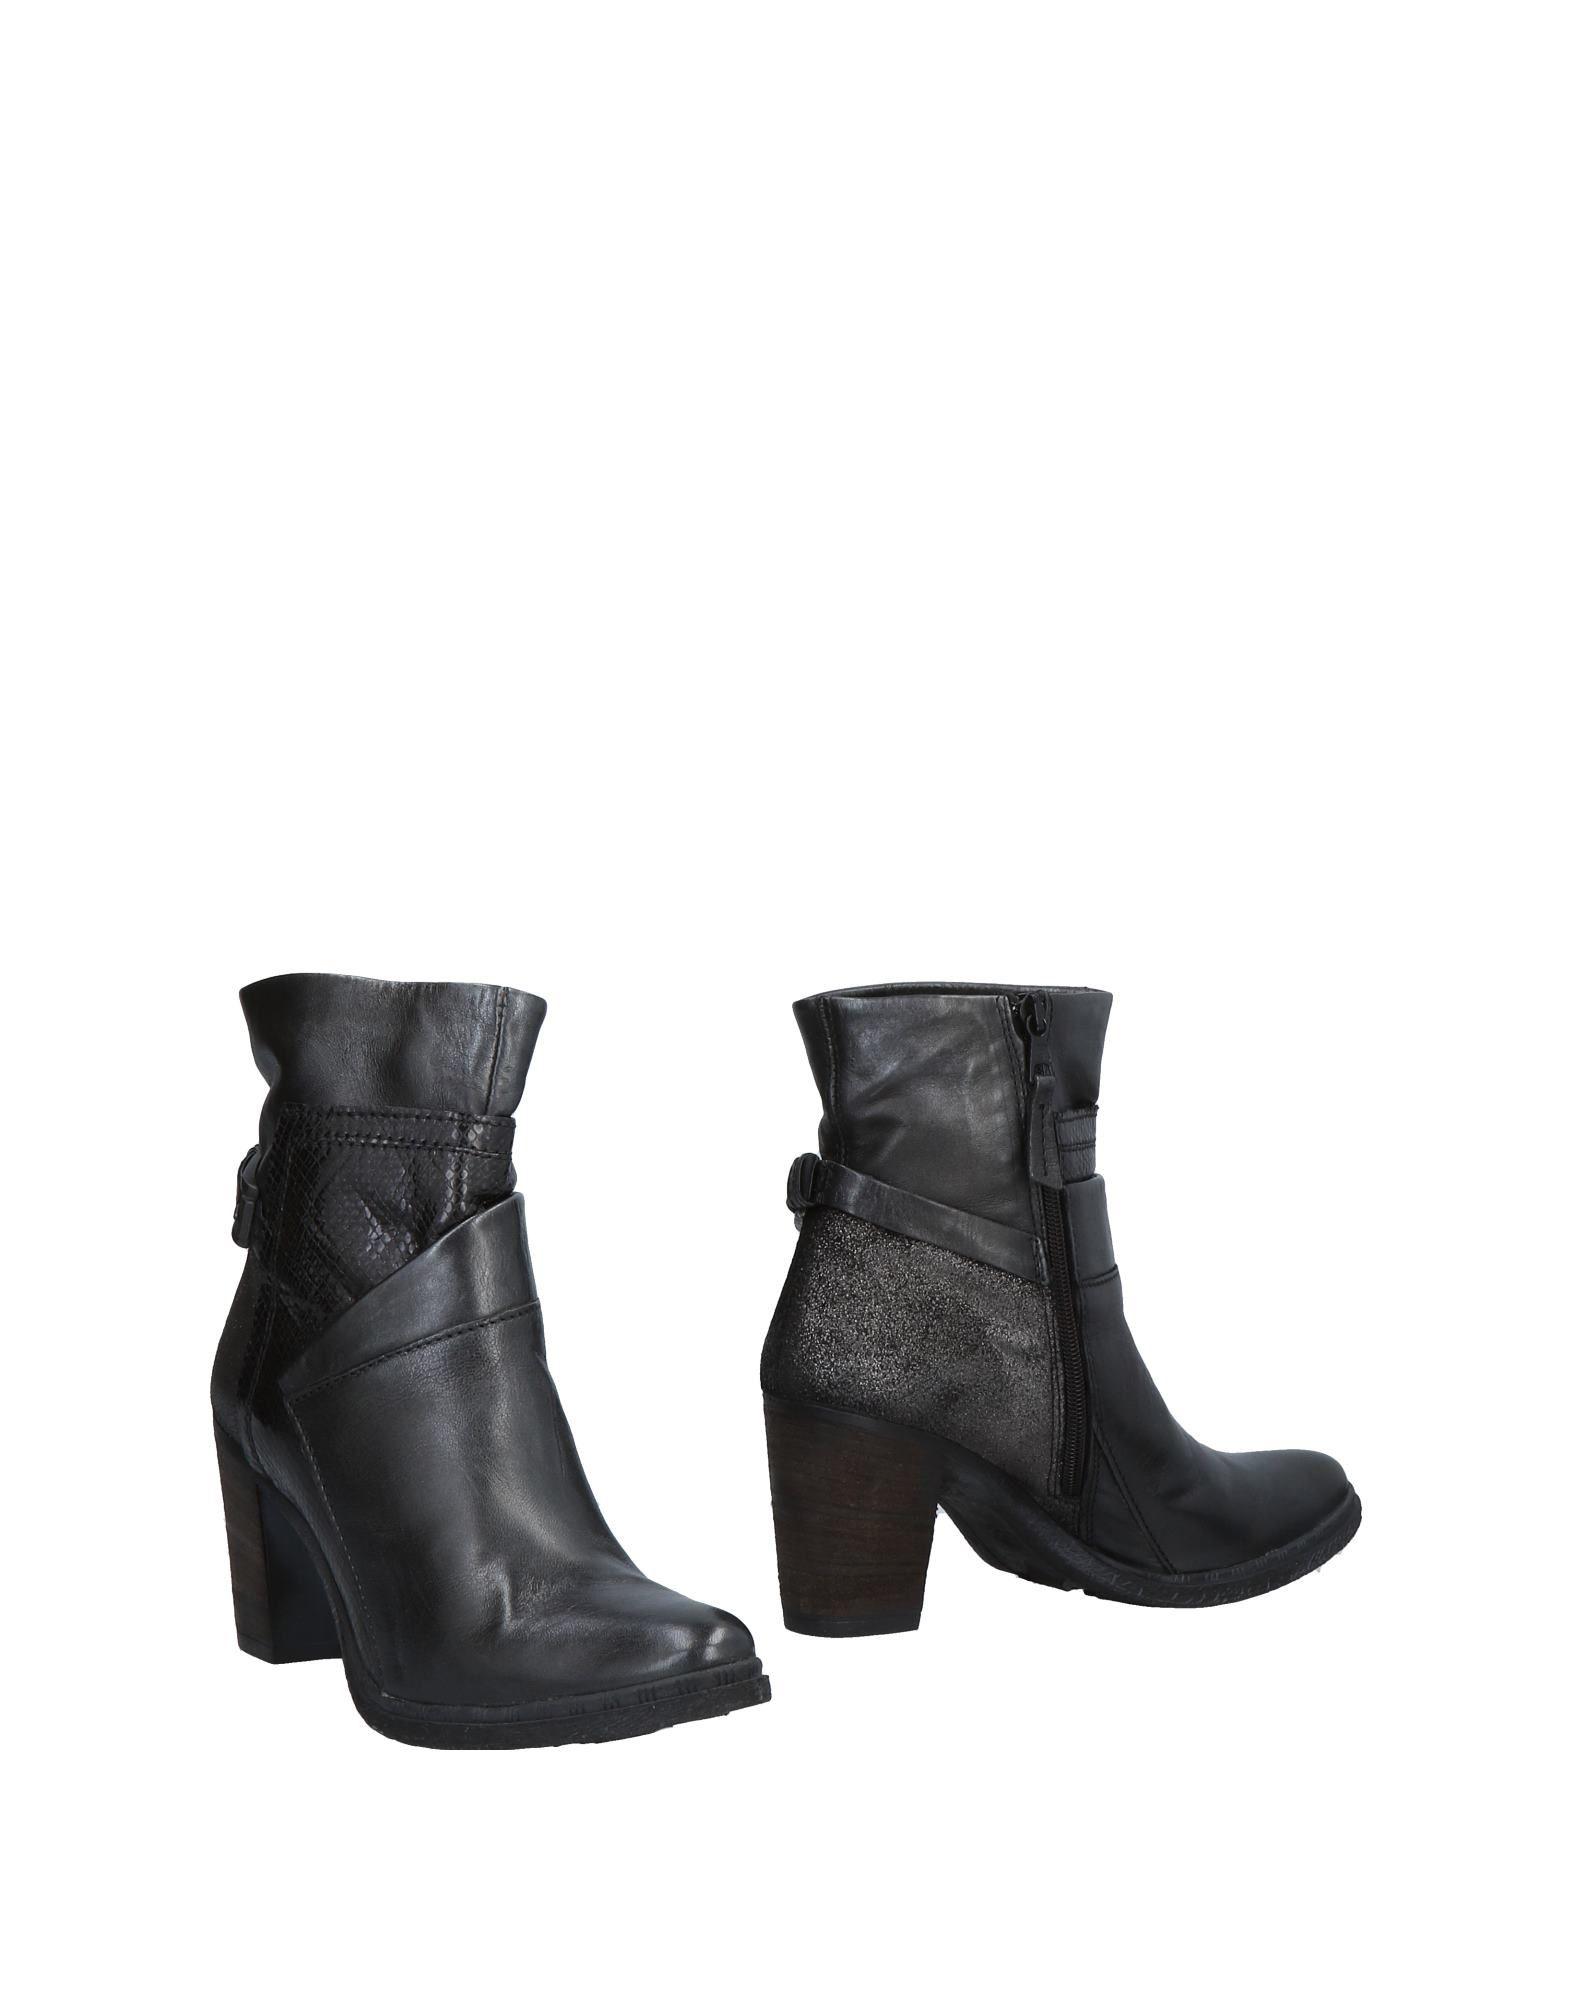 MJUS Полусапоги и высокие ботинки слипоны mjus 686108 101 6239 salvia